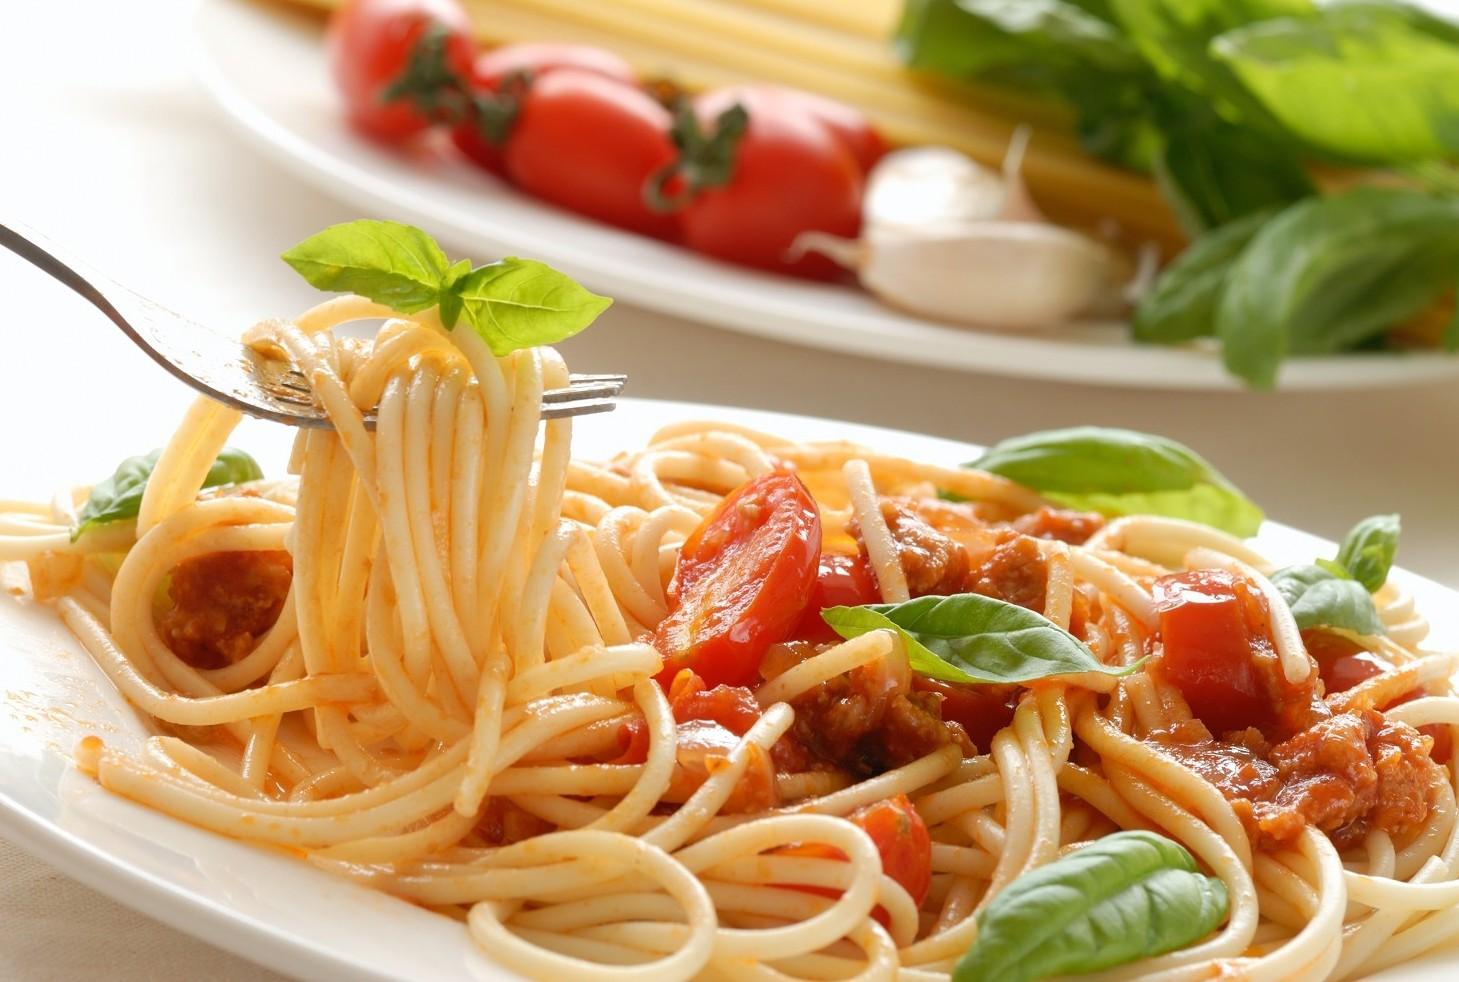 Pasta, pericoli per salute per pesticidi